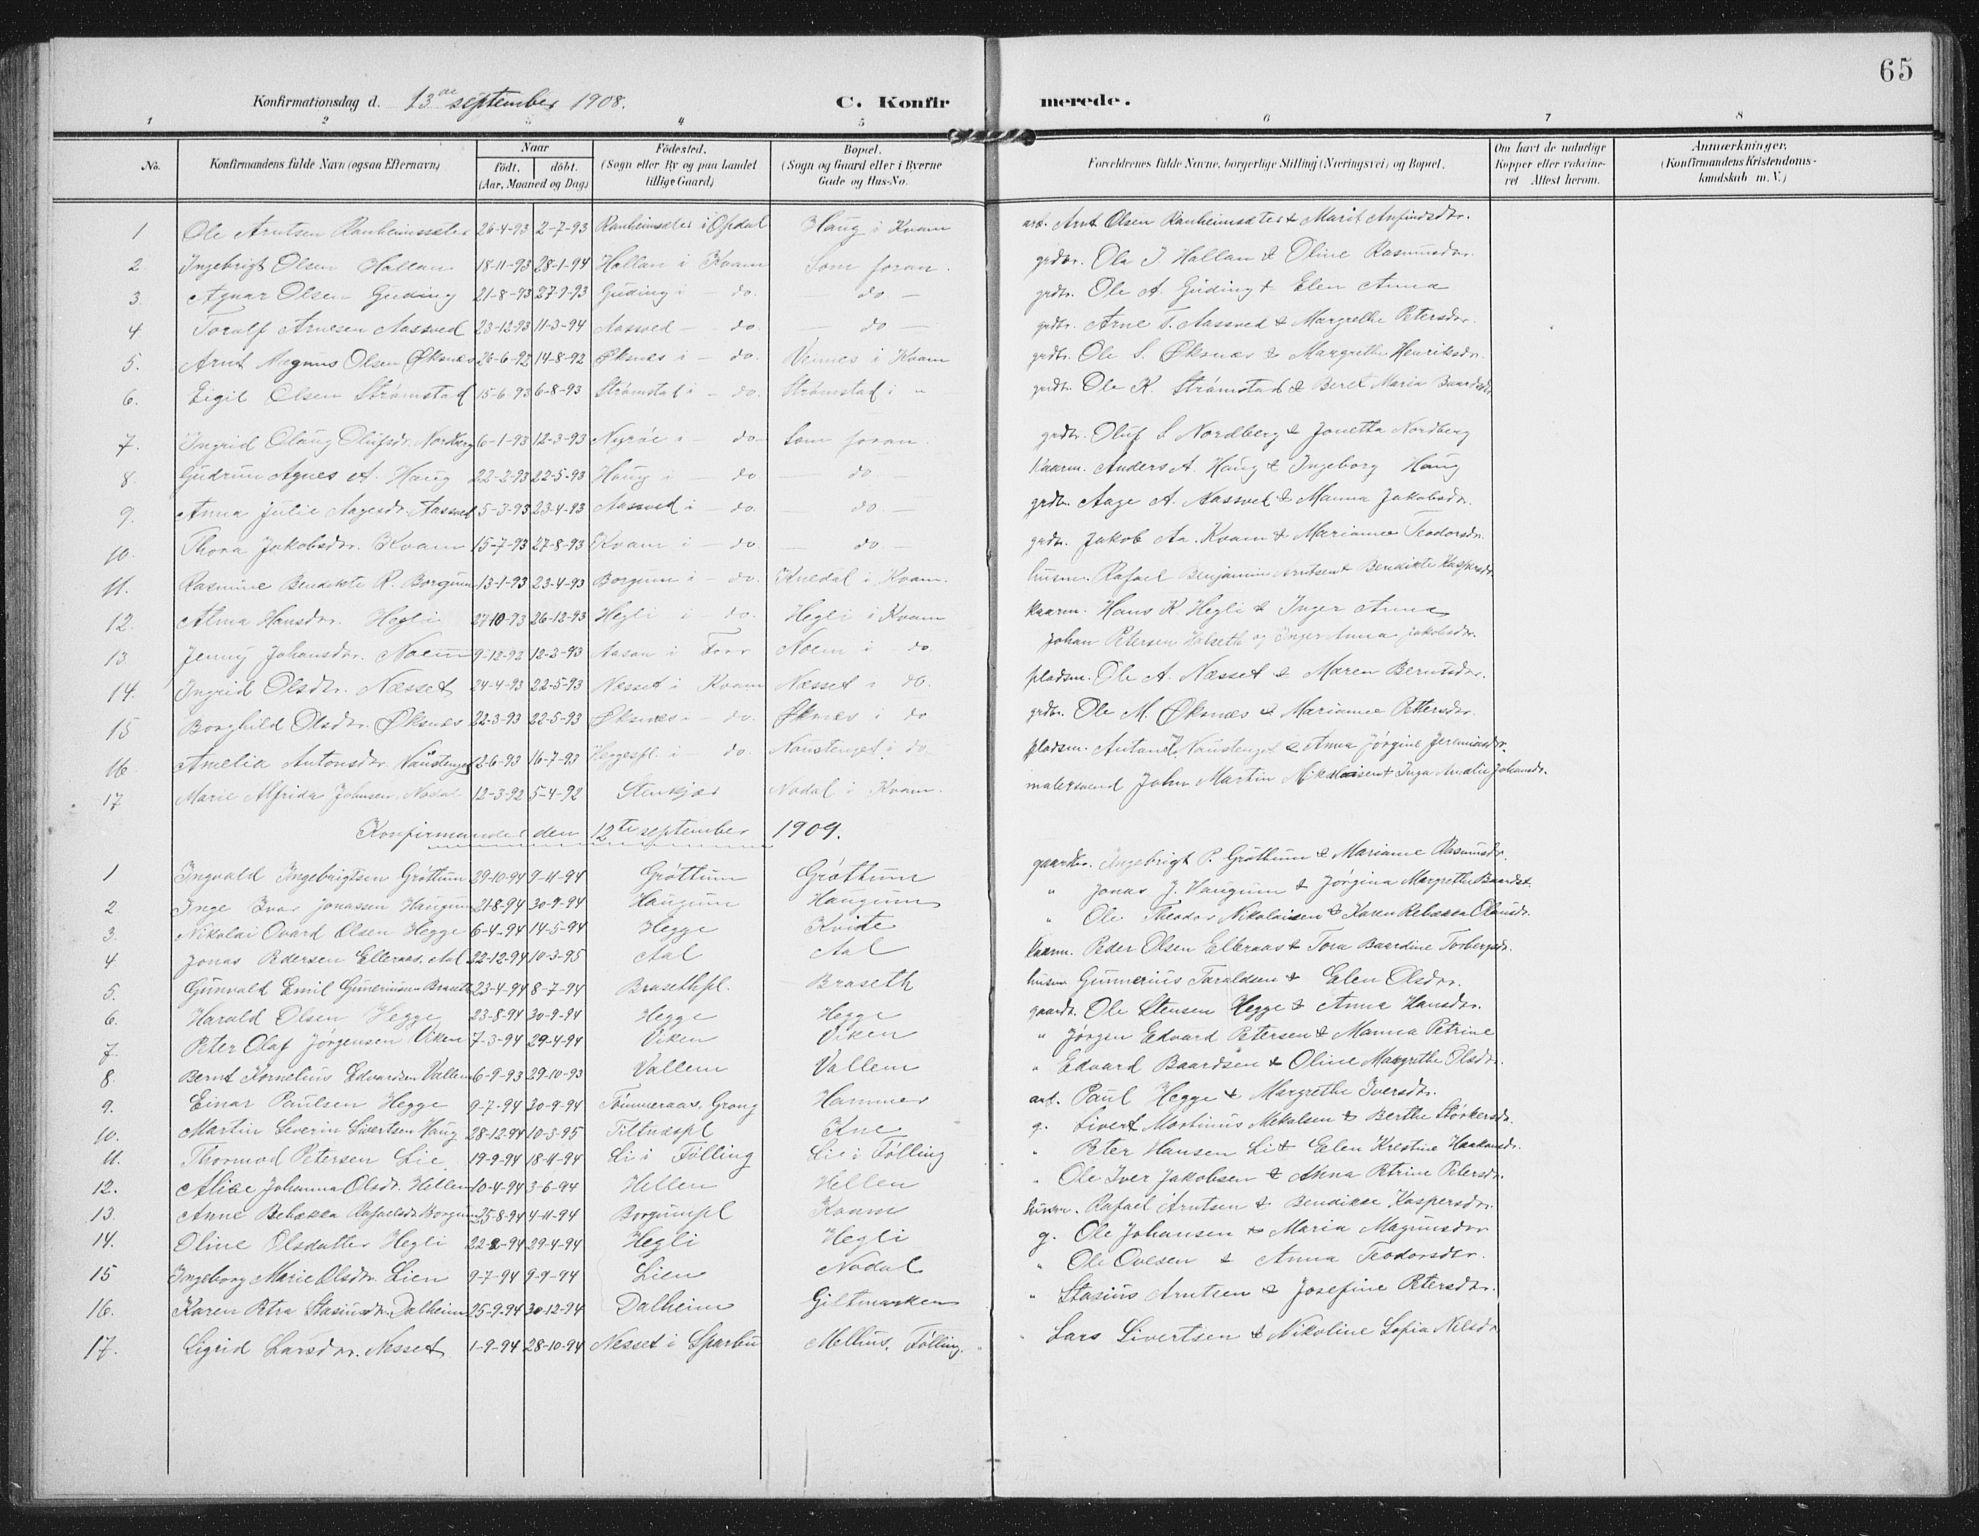 SAT, Ministerialprotokoller, klokkerbøker og fødselsregistre - Nord-Trøndelag, 747/L0460: Klokkerbok nr. 747C02, 1908-1939, s. 65